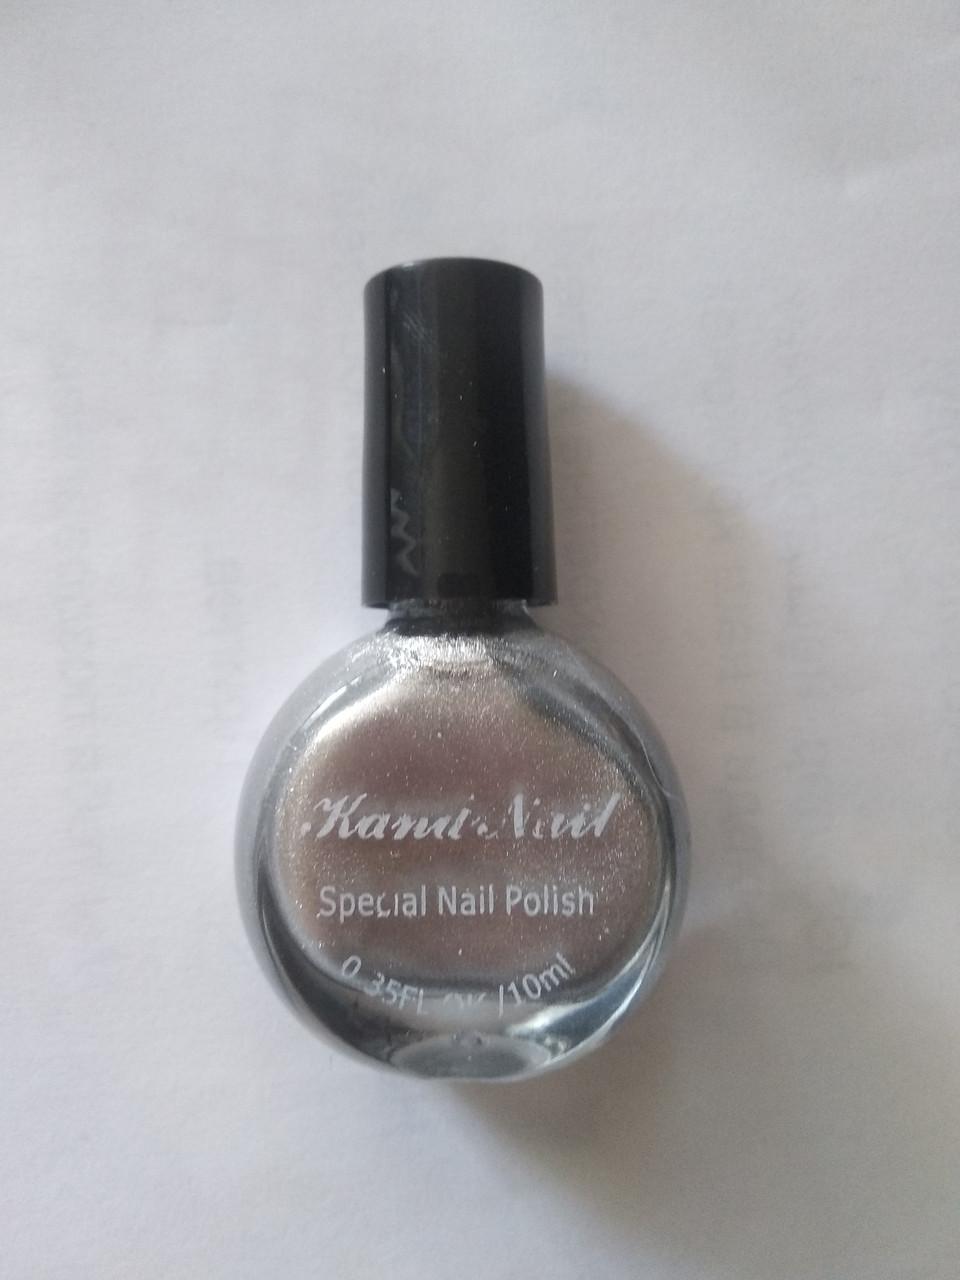 Лак-фарба для стемпинга Kand Nail, 10 мл. Срібний